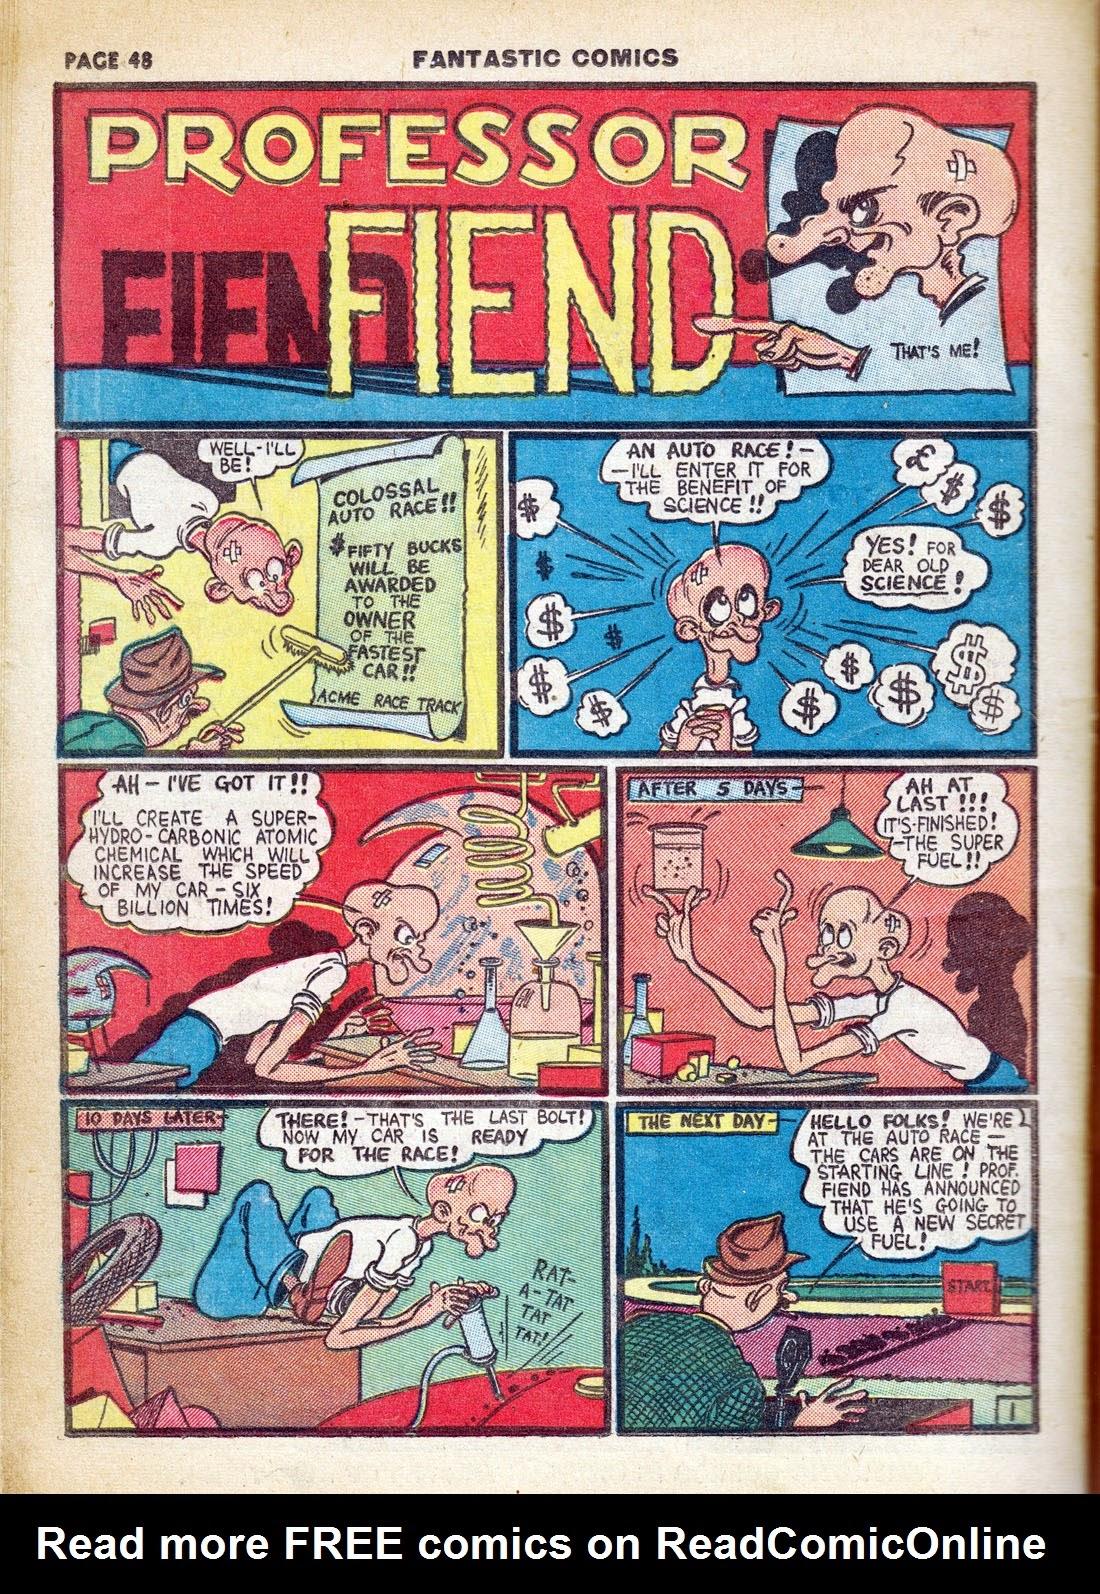 Read online Fantastic Comics comic -  Issue #7 - 50